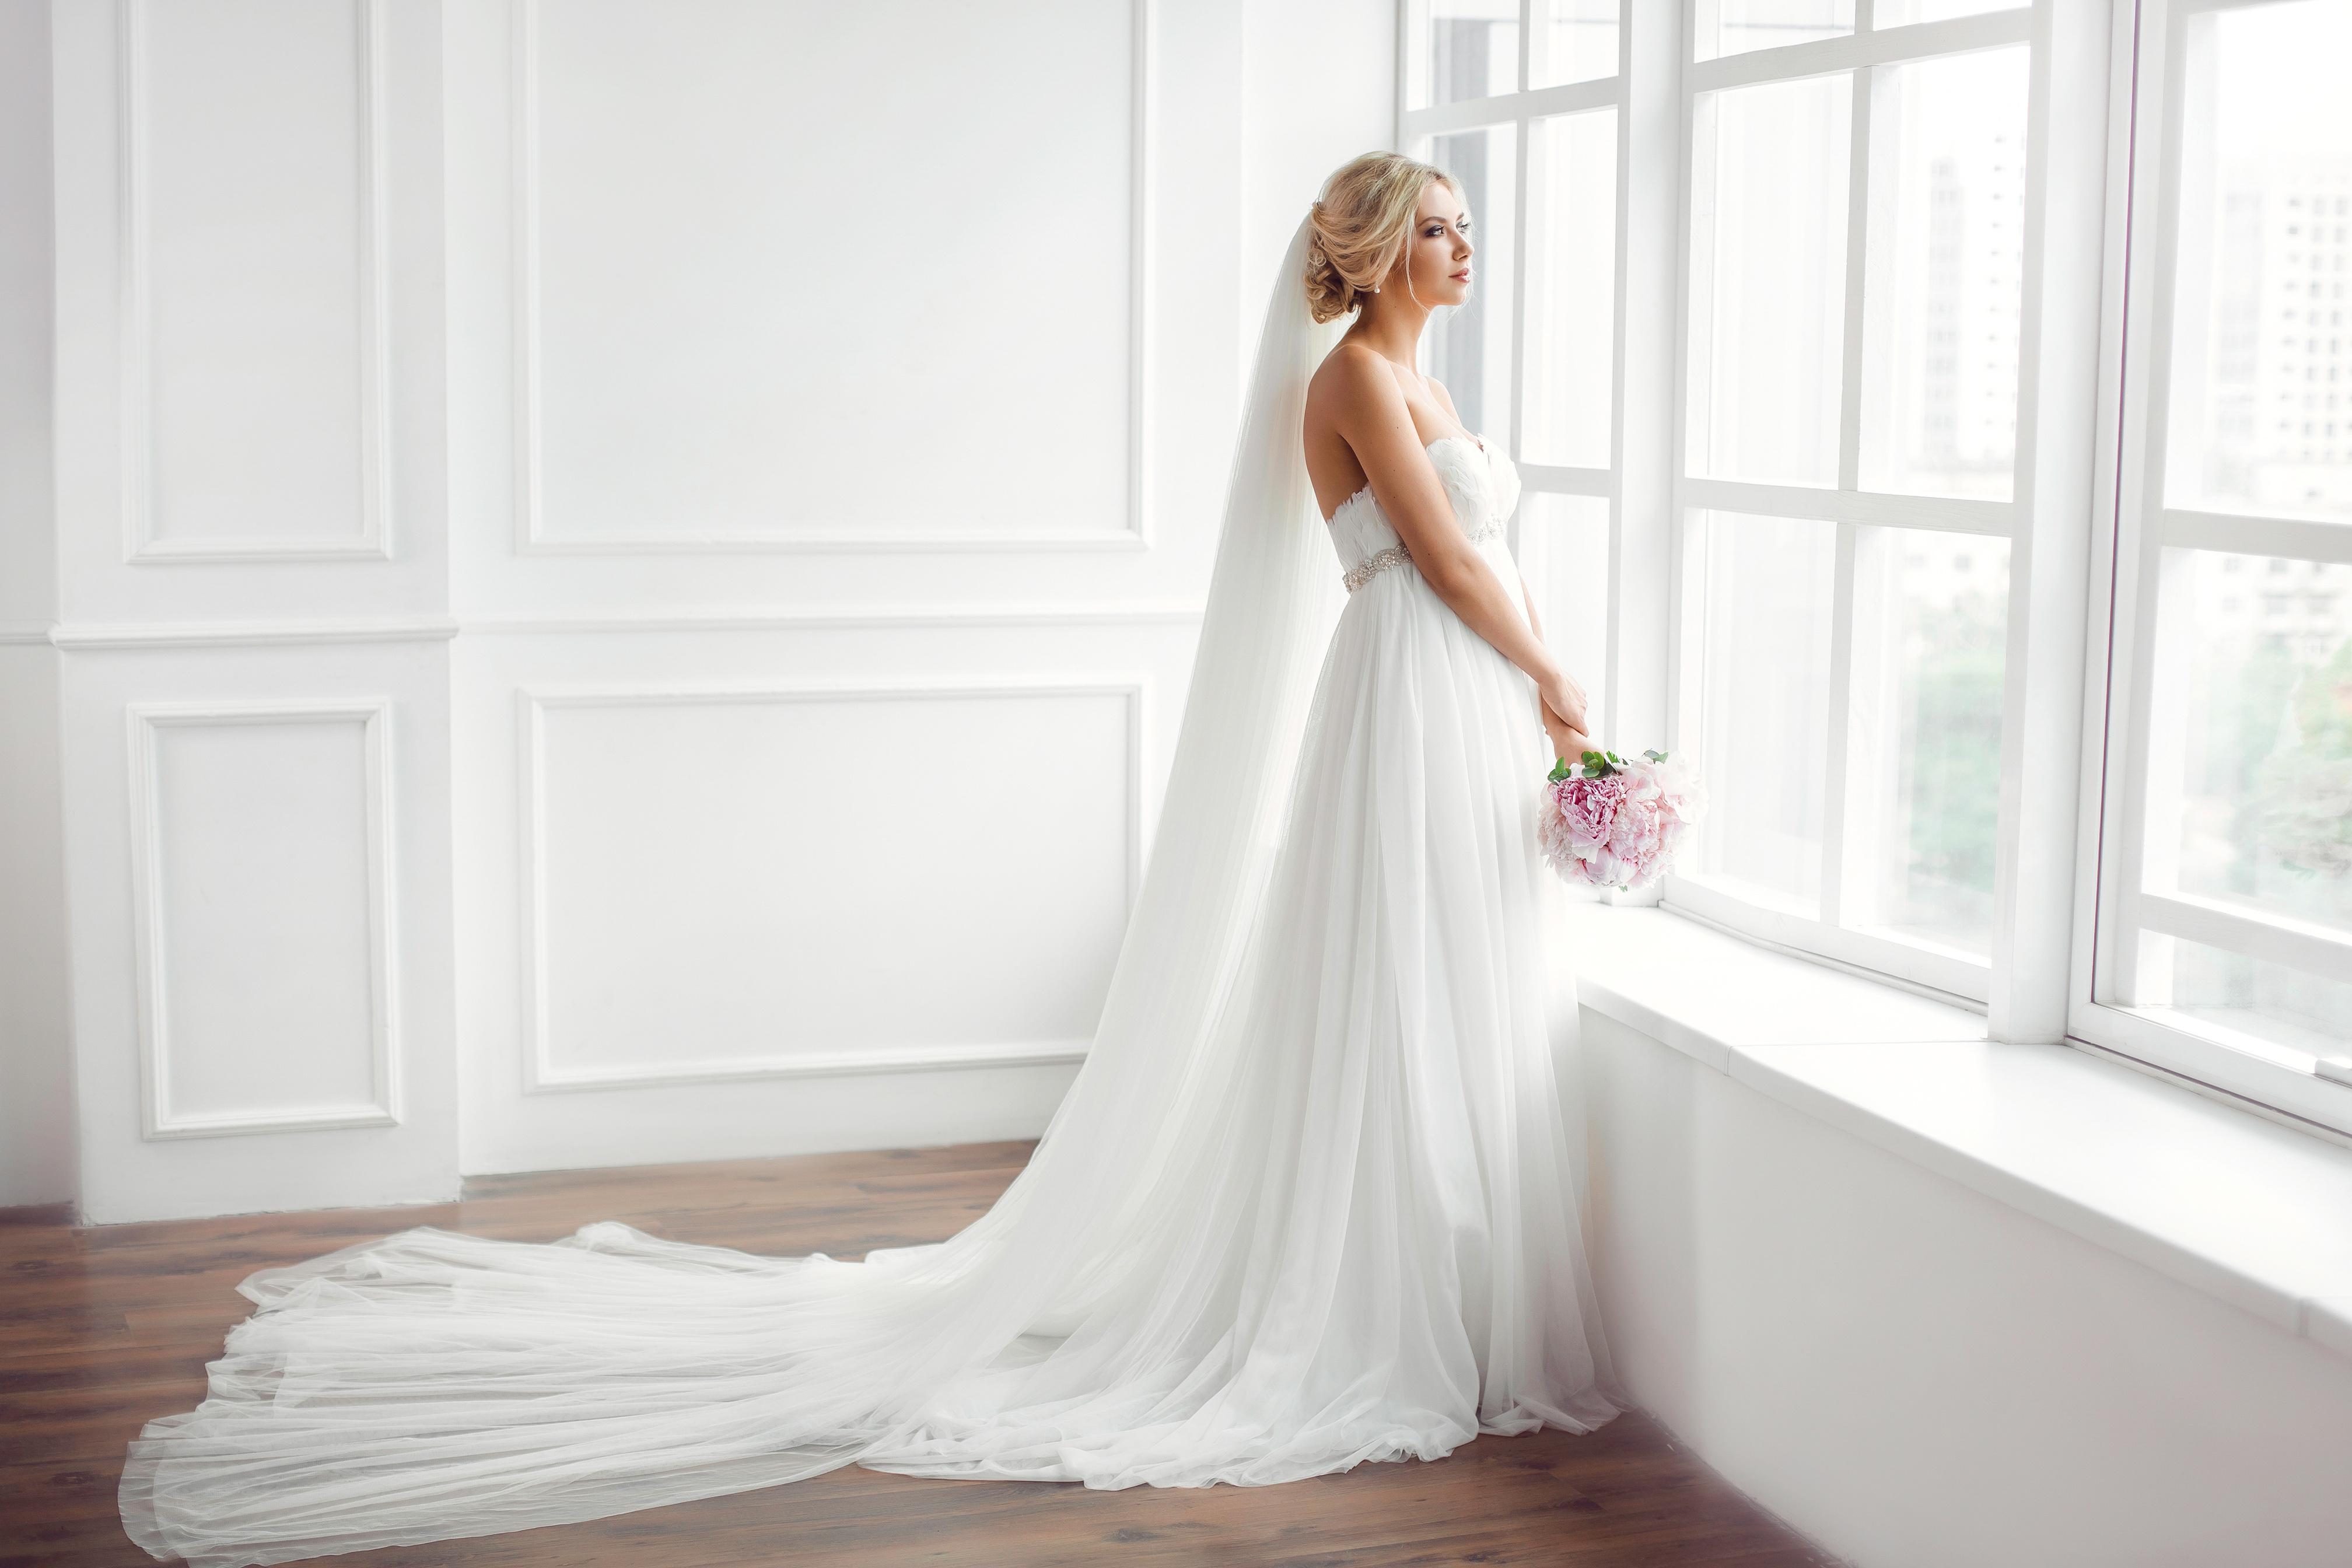 свадебное платье девушка прическа меч бесплатно